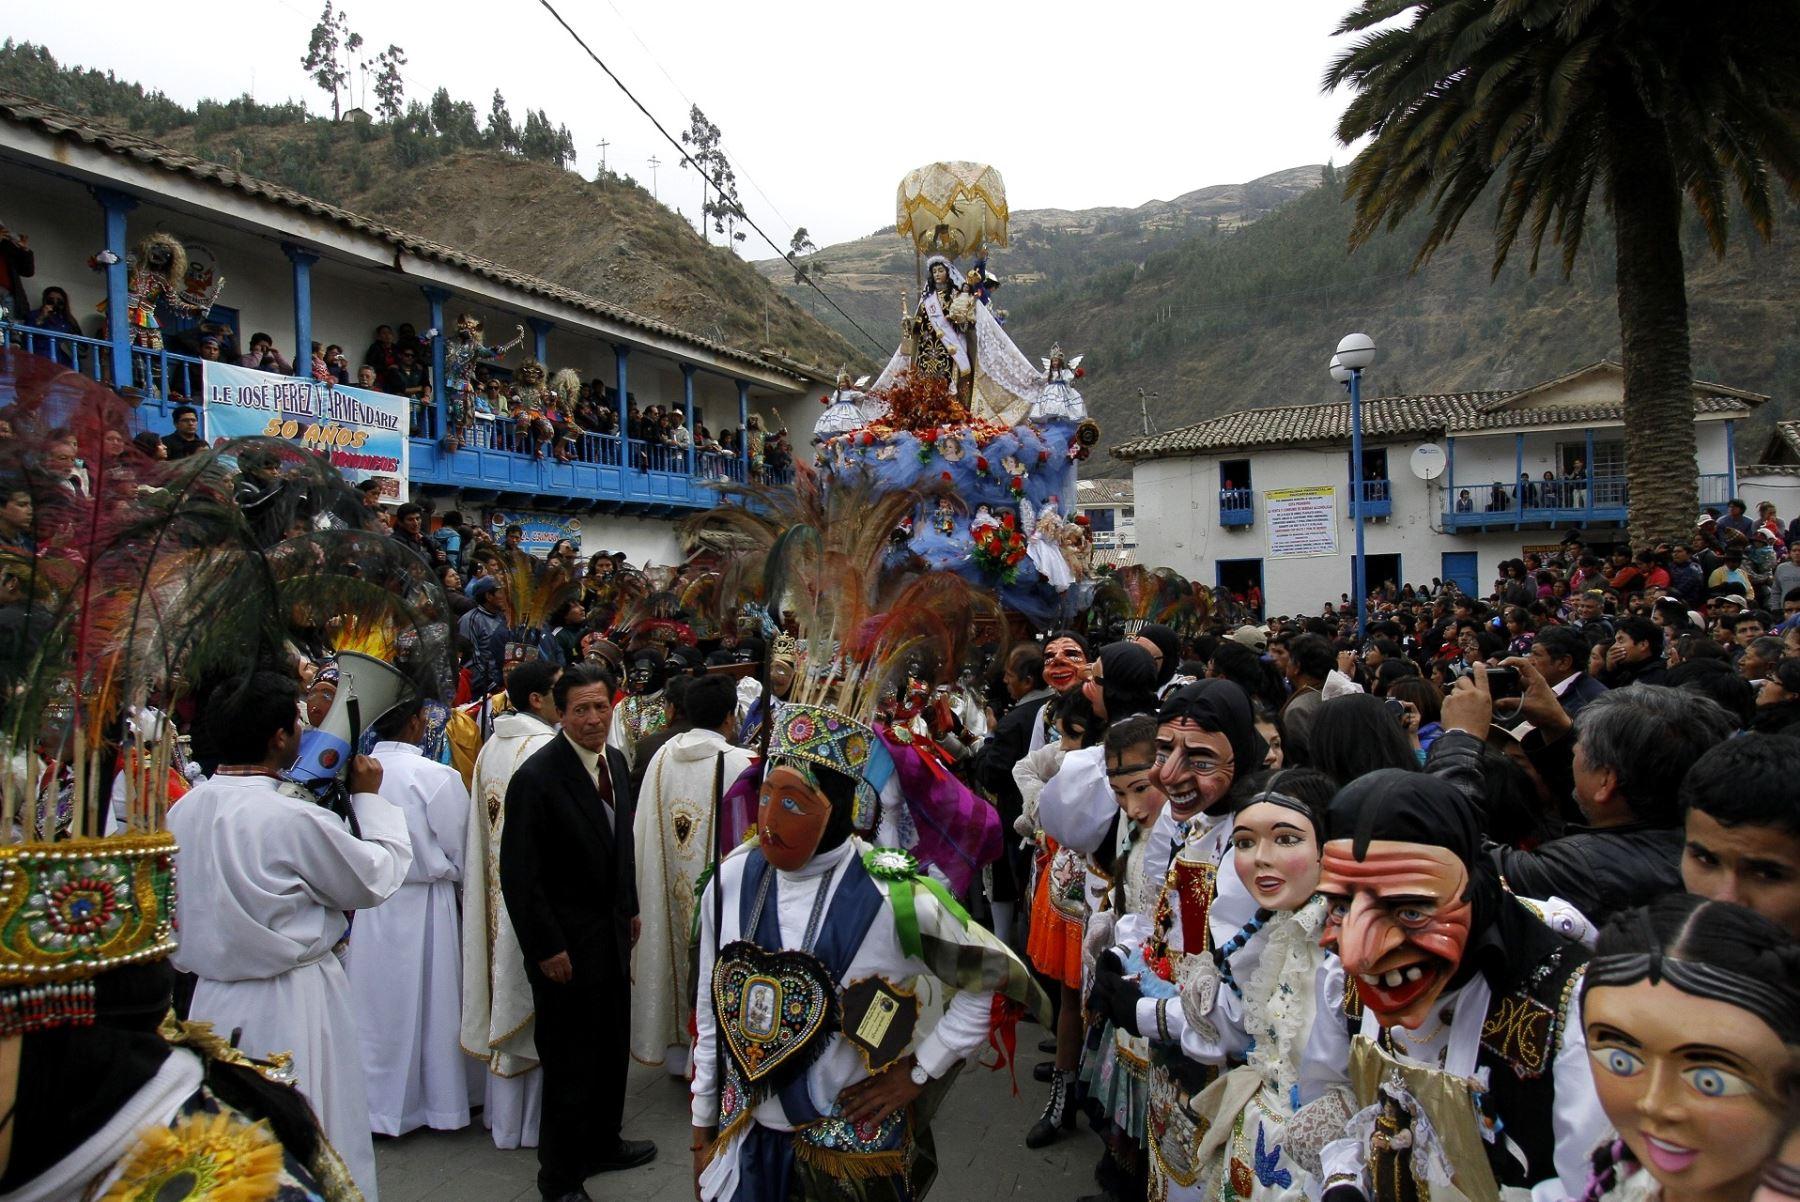 Cusco celebra así el día central de la Festividad de la Virgen del Carmen. ANDINA/Percy Hurtado Santillán